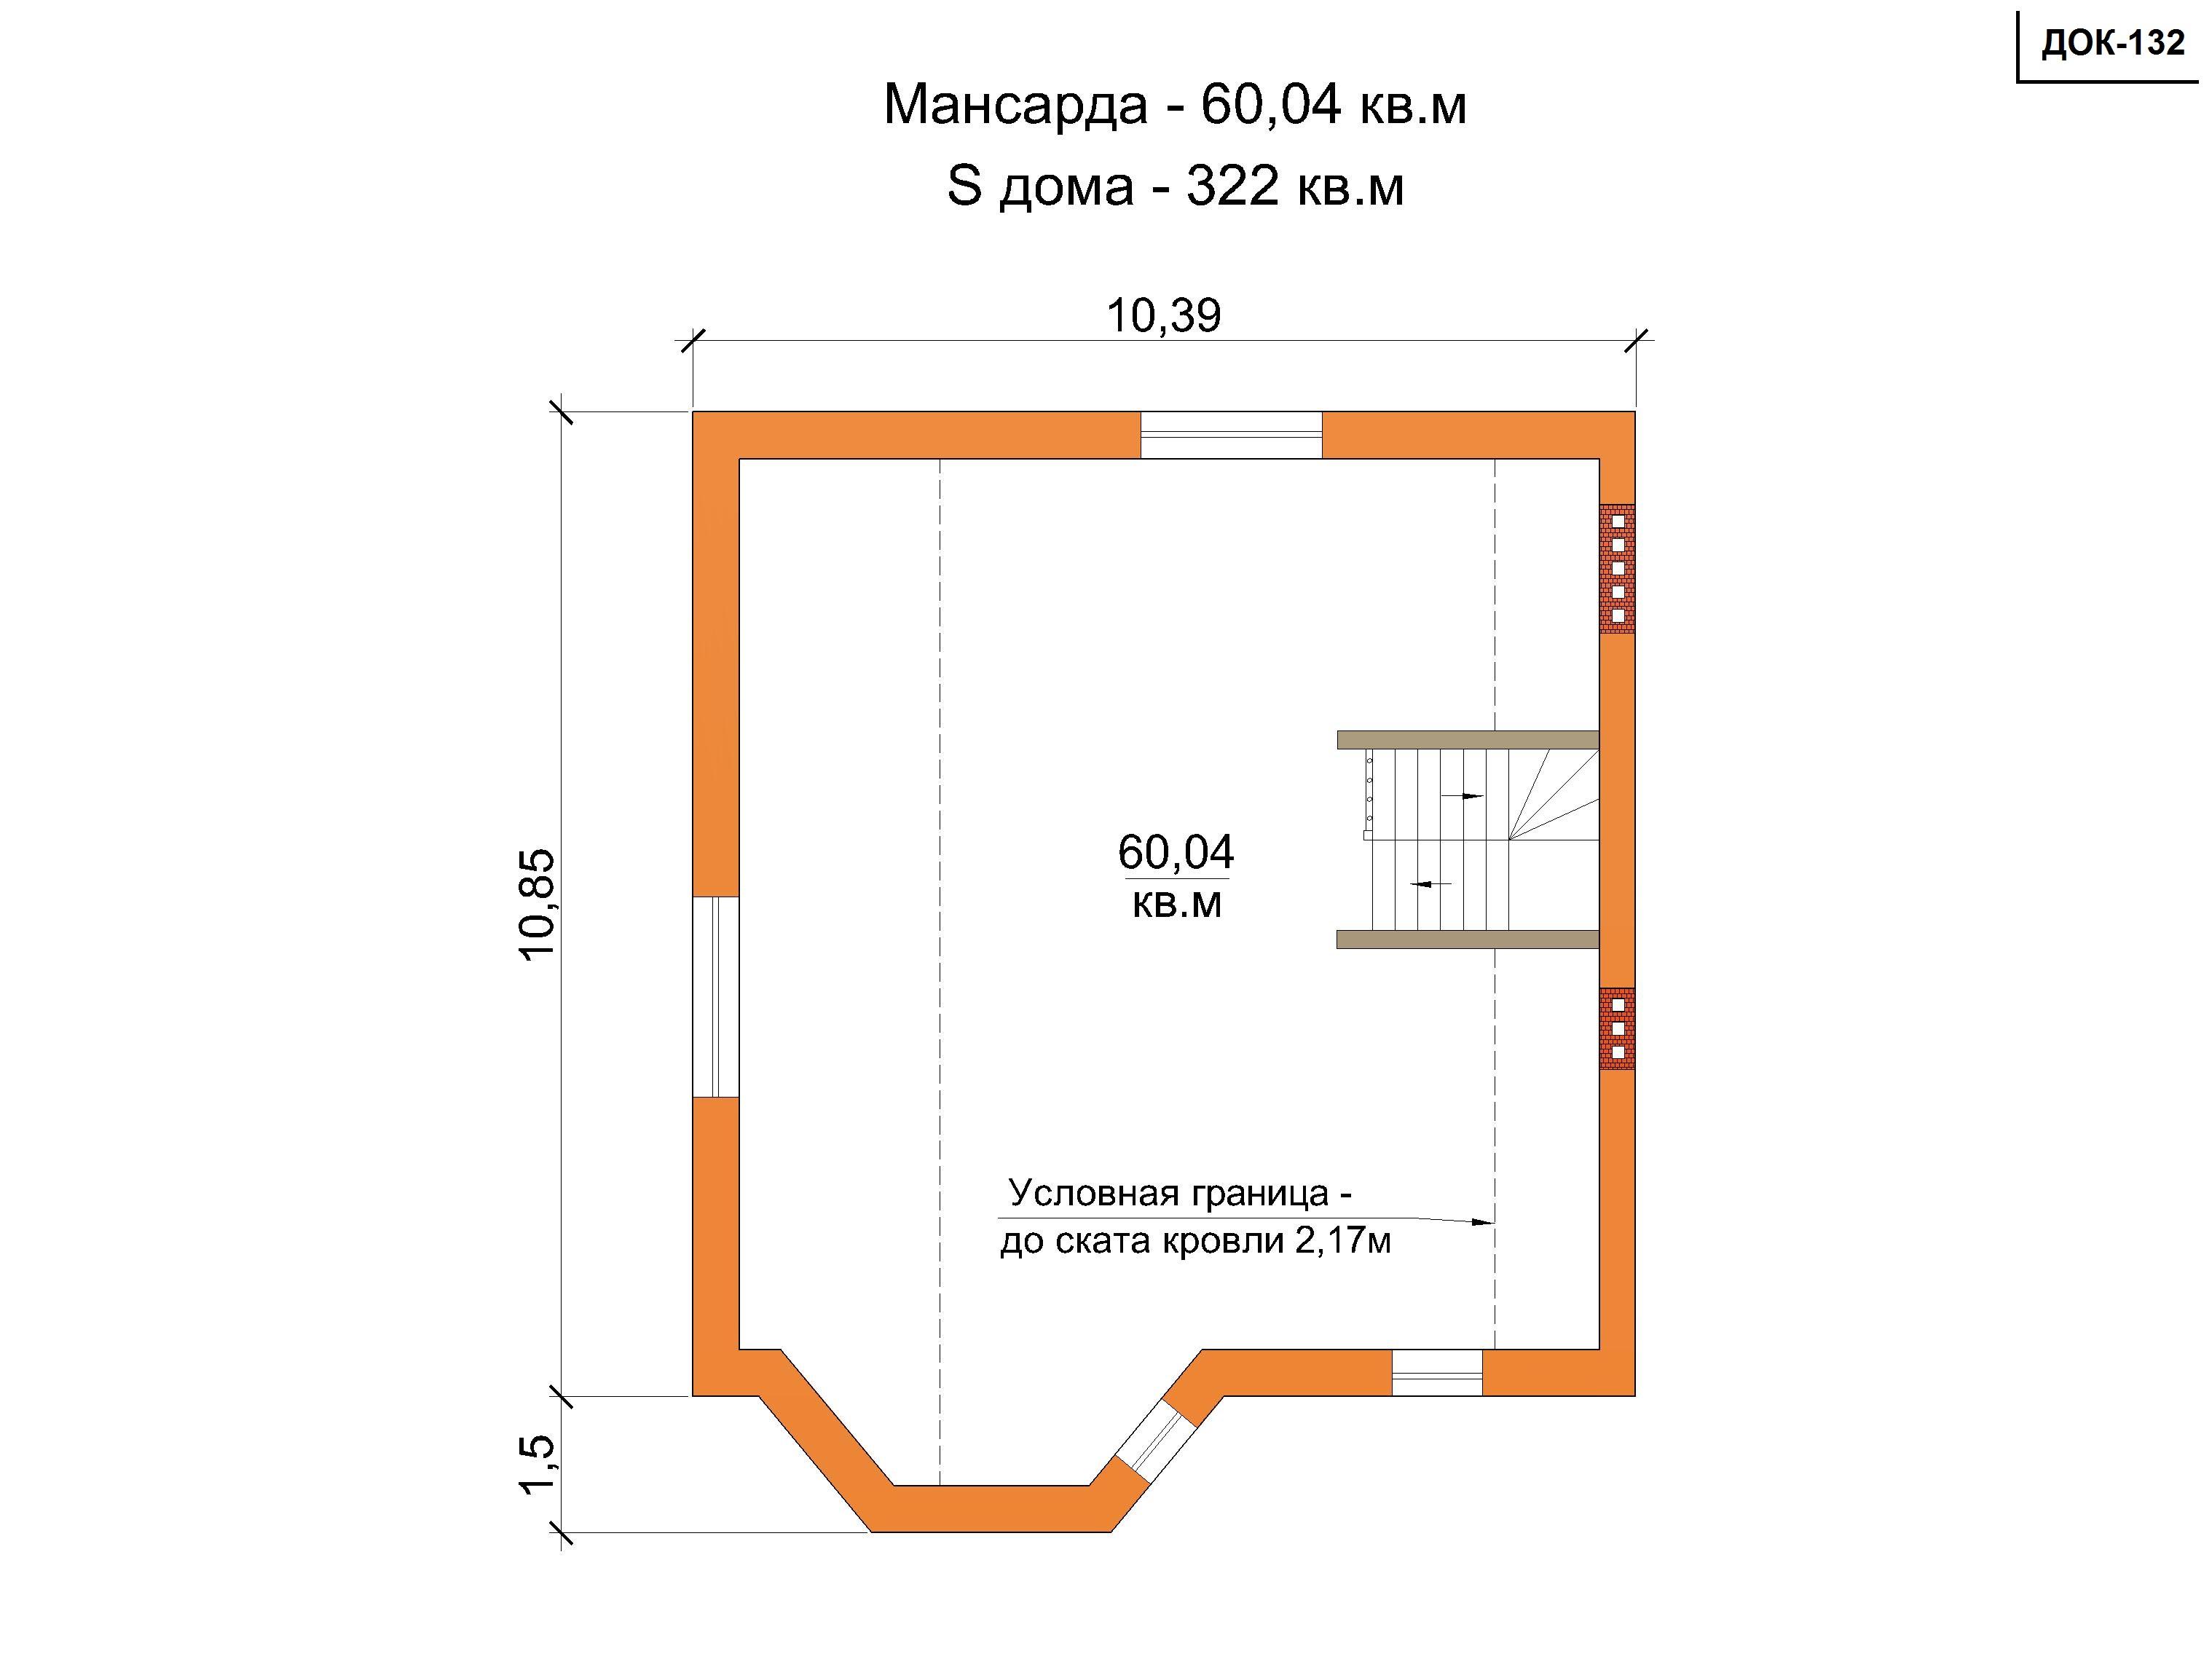 Готовый проект коттеджа 322 кв.м / Артикул док-132 план